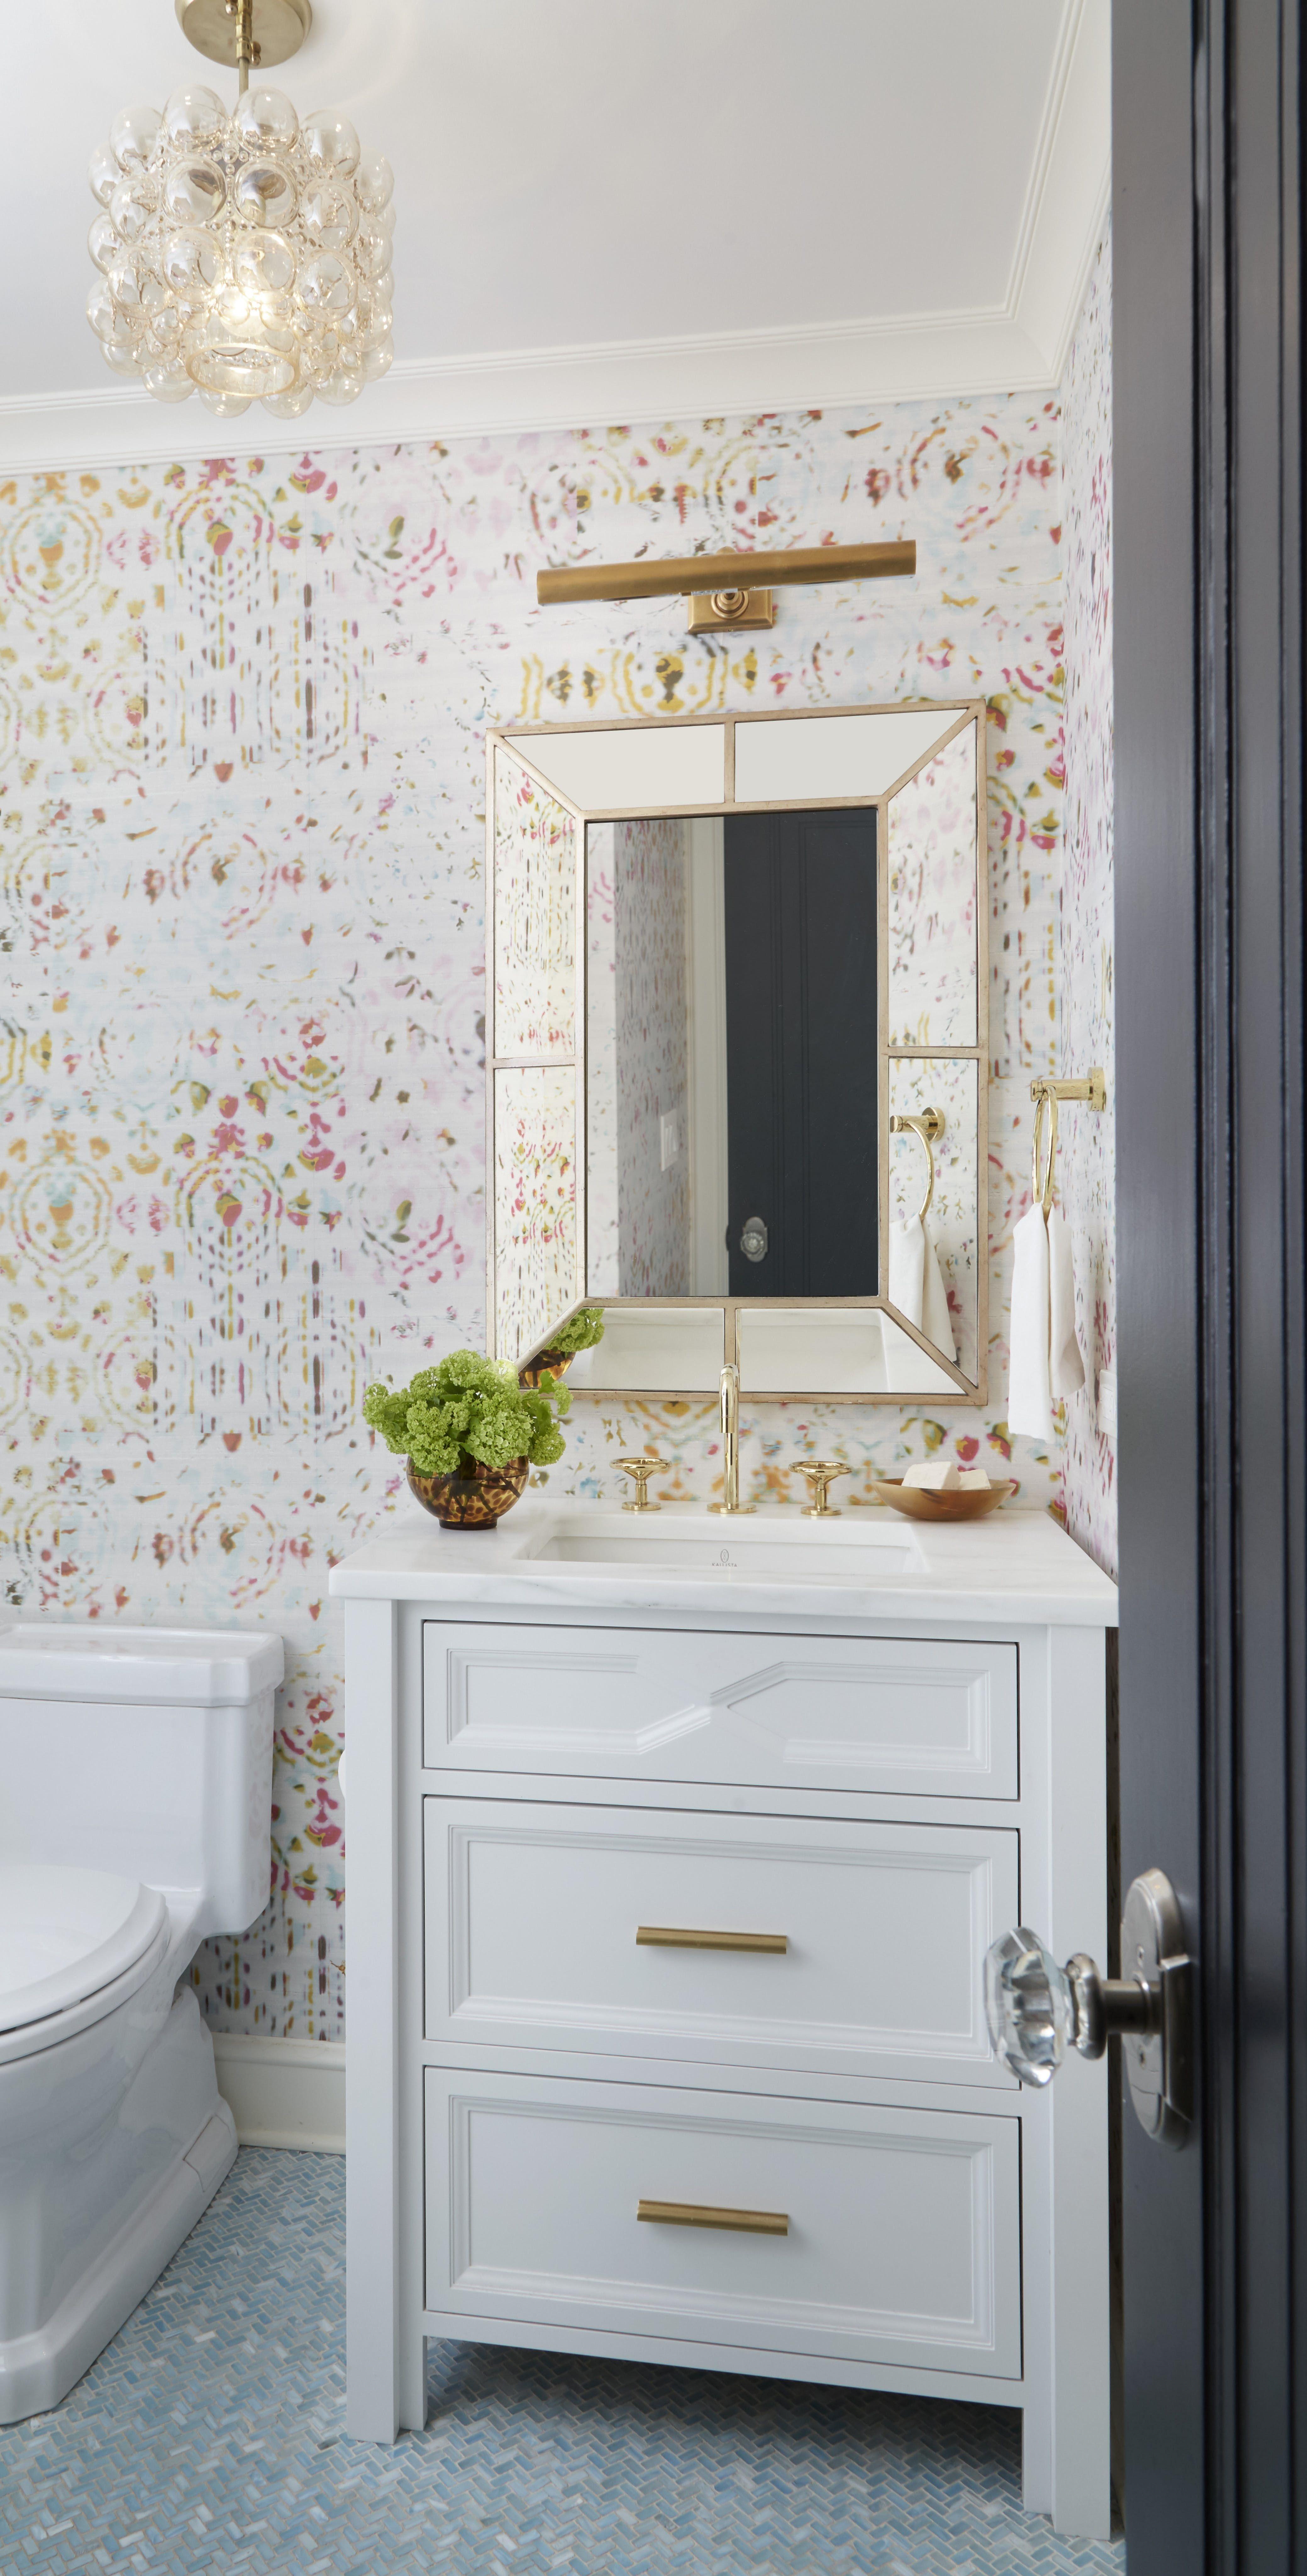 Powder Room By Amy Kartheiser Design: Amy Kartheiser Design 2 Portfolio Interiors Styles